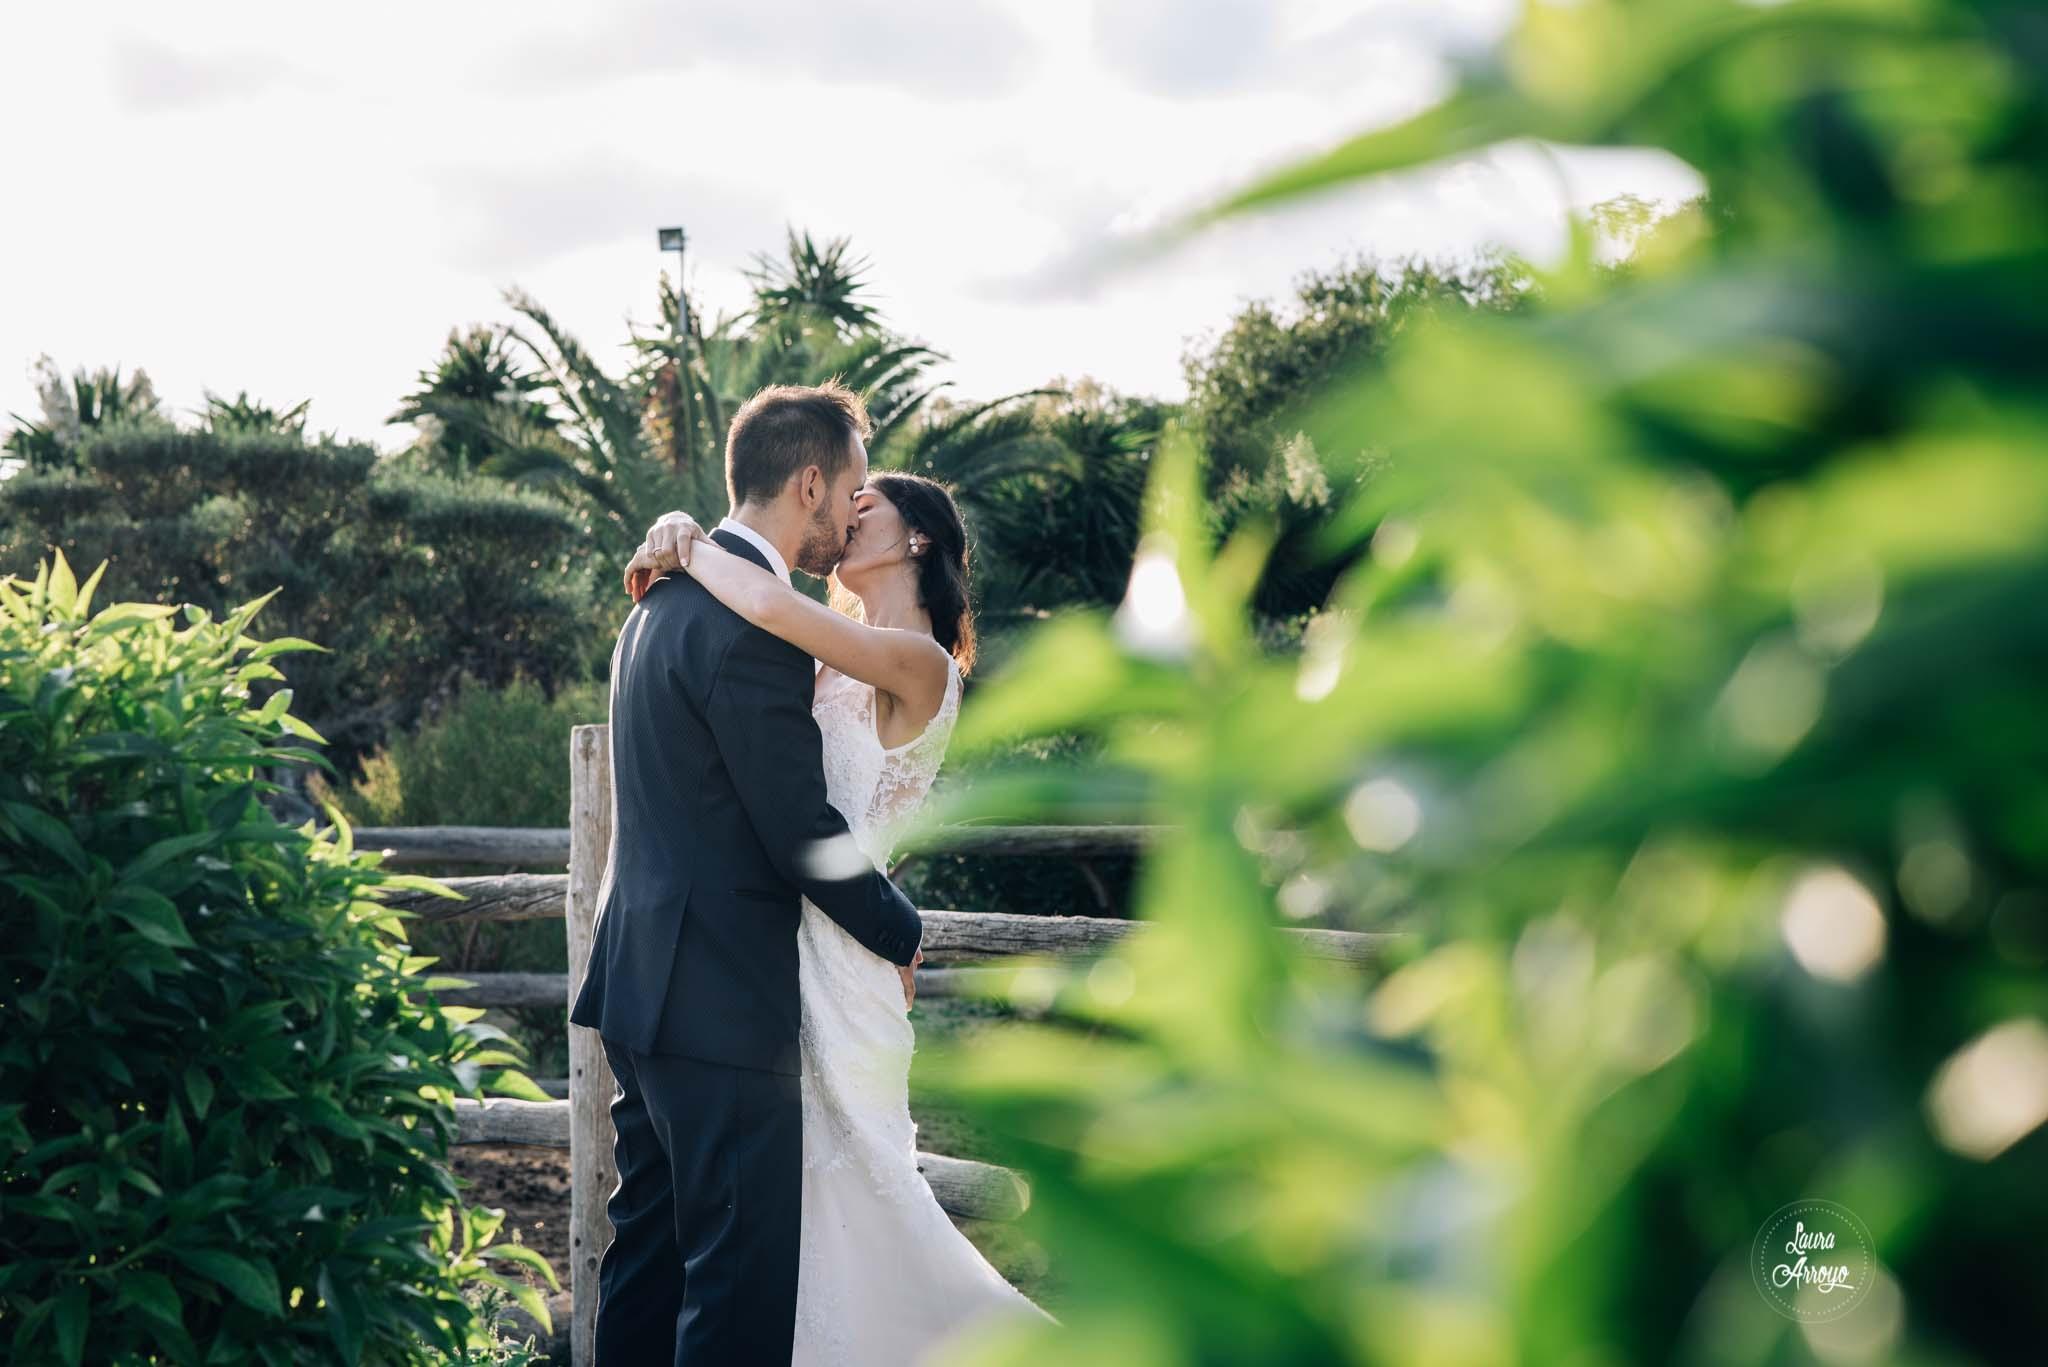 Postboda en la Masia Vilanoveta fotografía de boda sin posados Laura Arroyo